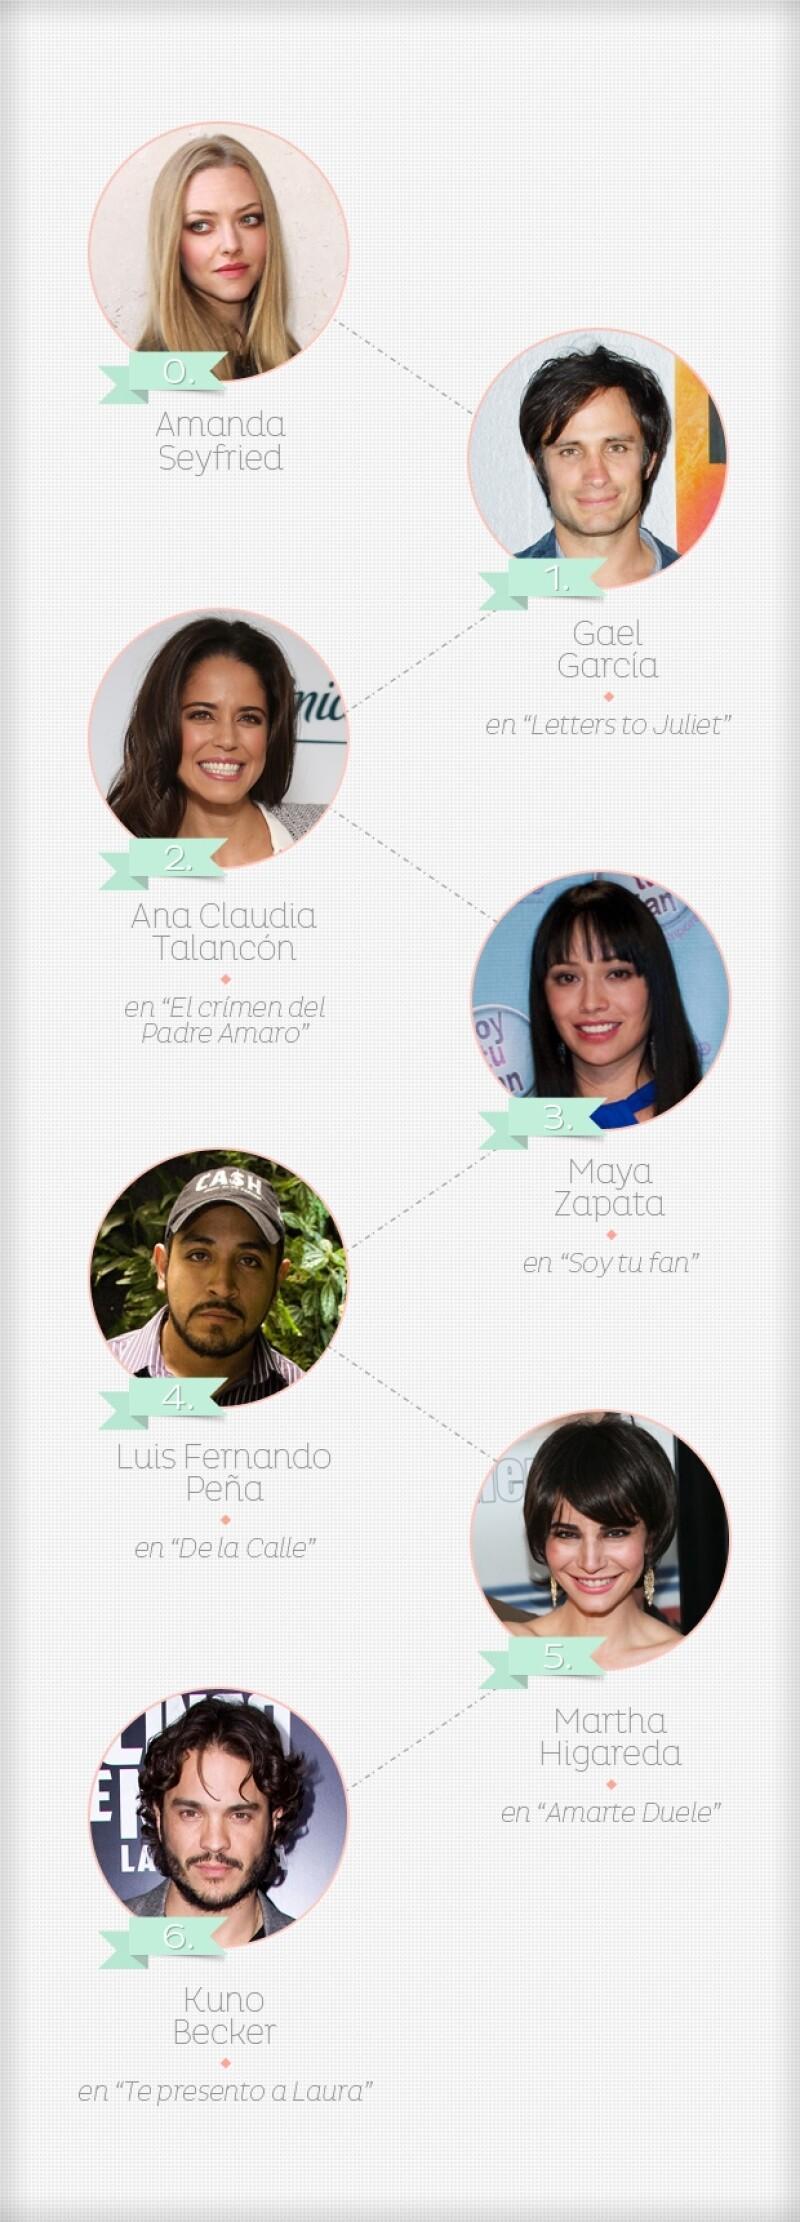 ¿Cómo es que la guapa estrella de &#39Mean Girls&#39 se une con el mexicano tan sólo uniendo a seis artistas de por medio? Nosotros hicimos la prueba.